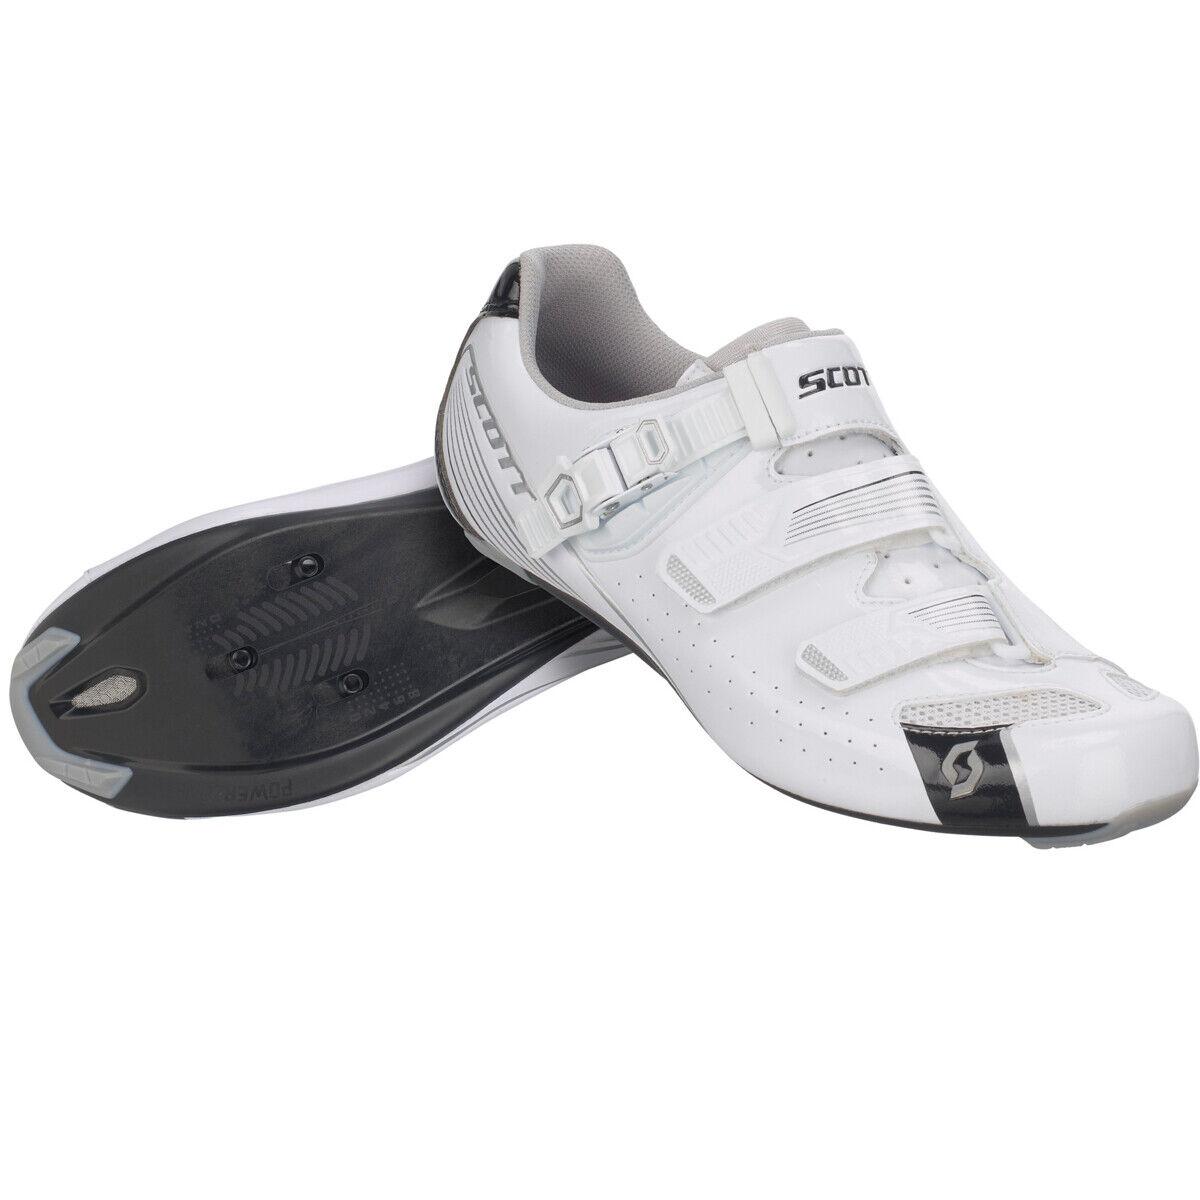 Scott Road Pro Damen Rennrad Fahrrad Schuhe weiß schwarz 2018